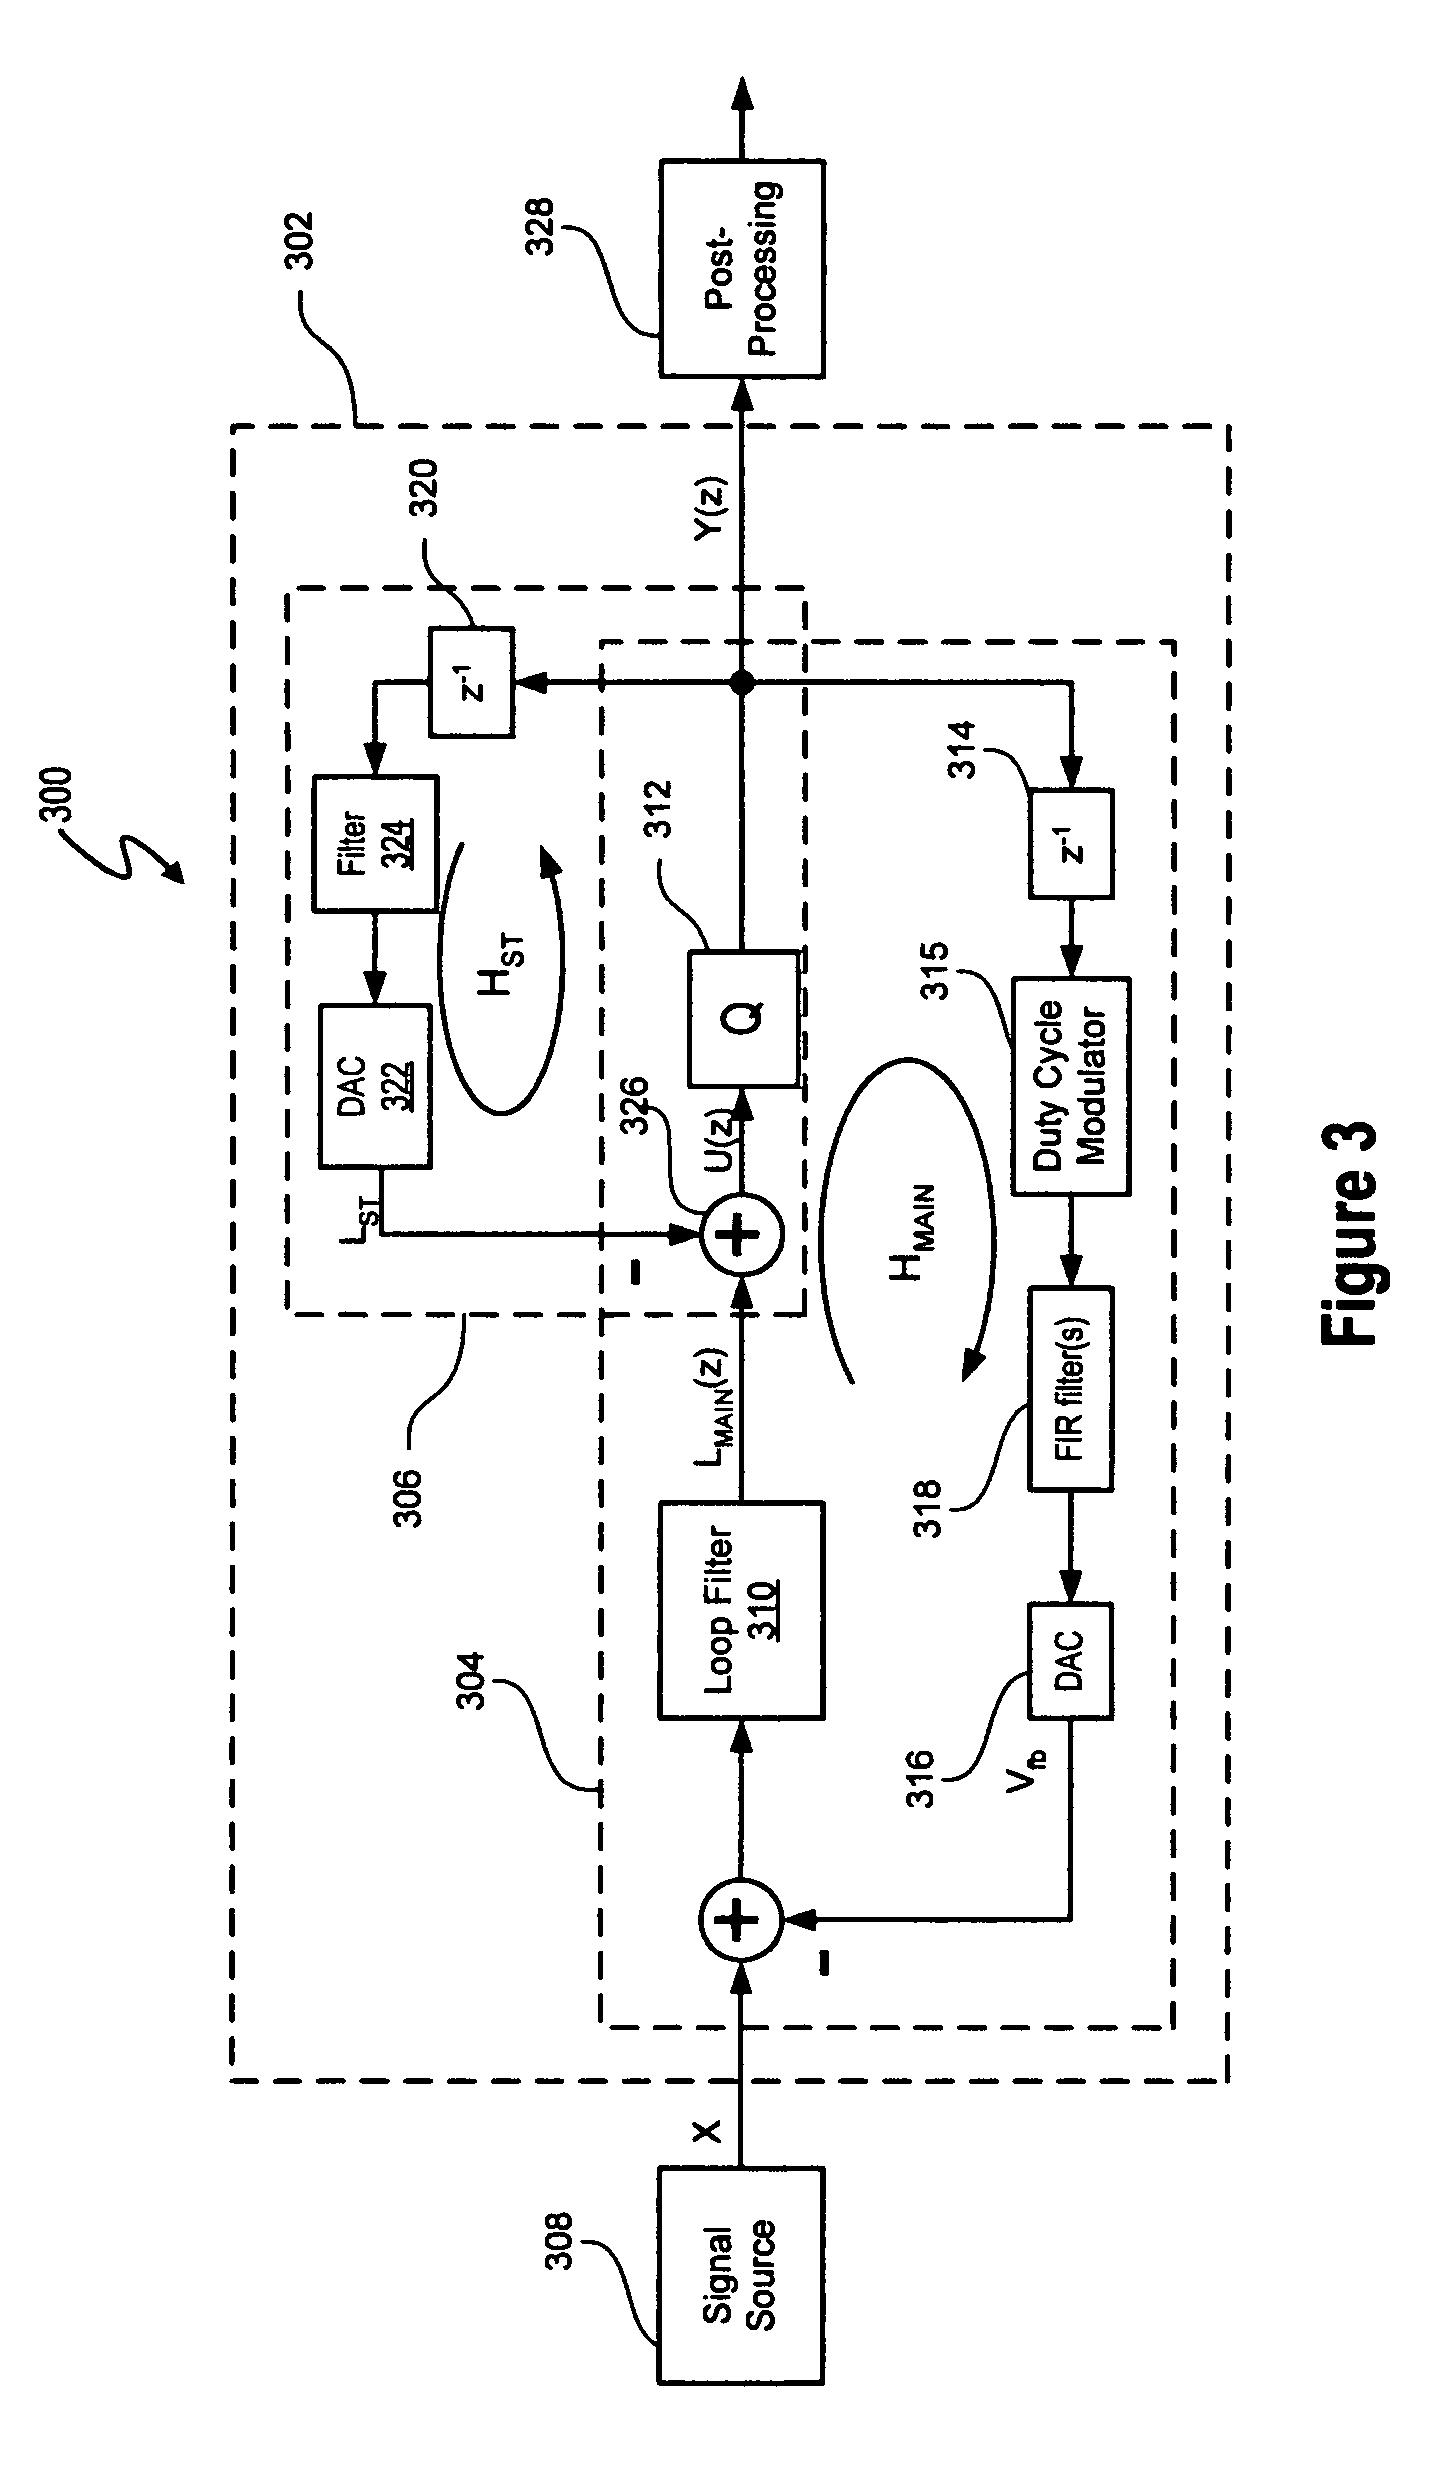 patent us7183957